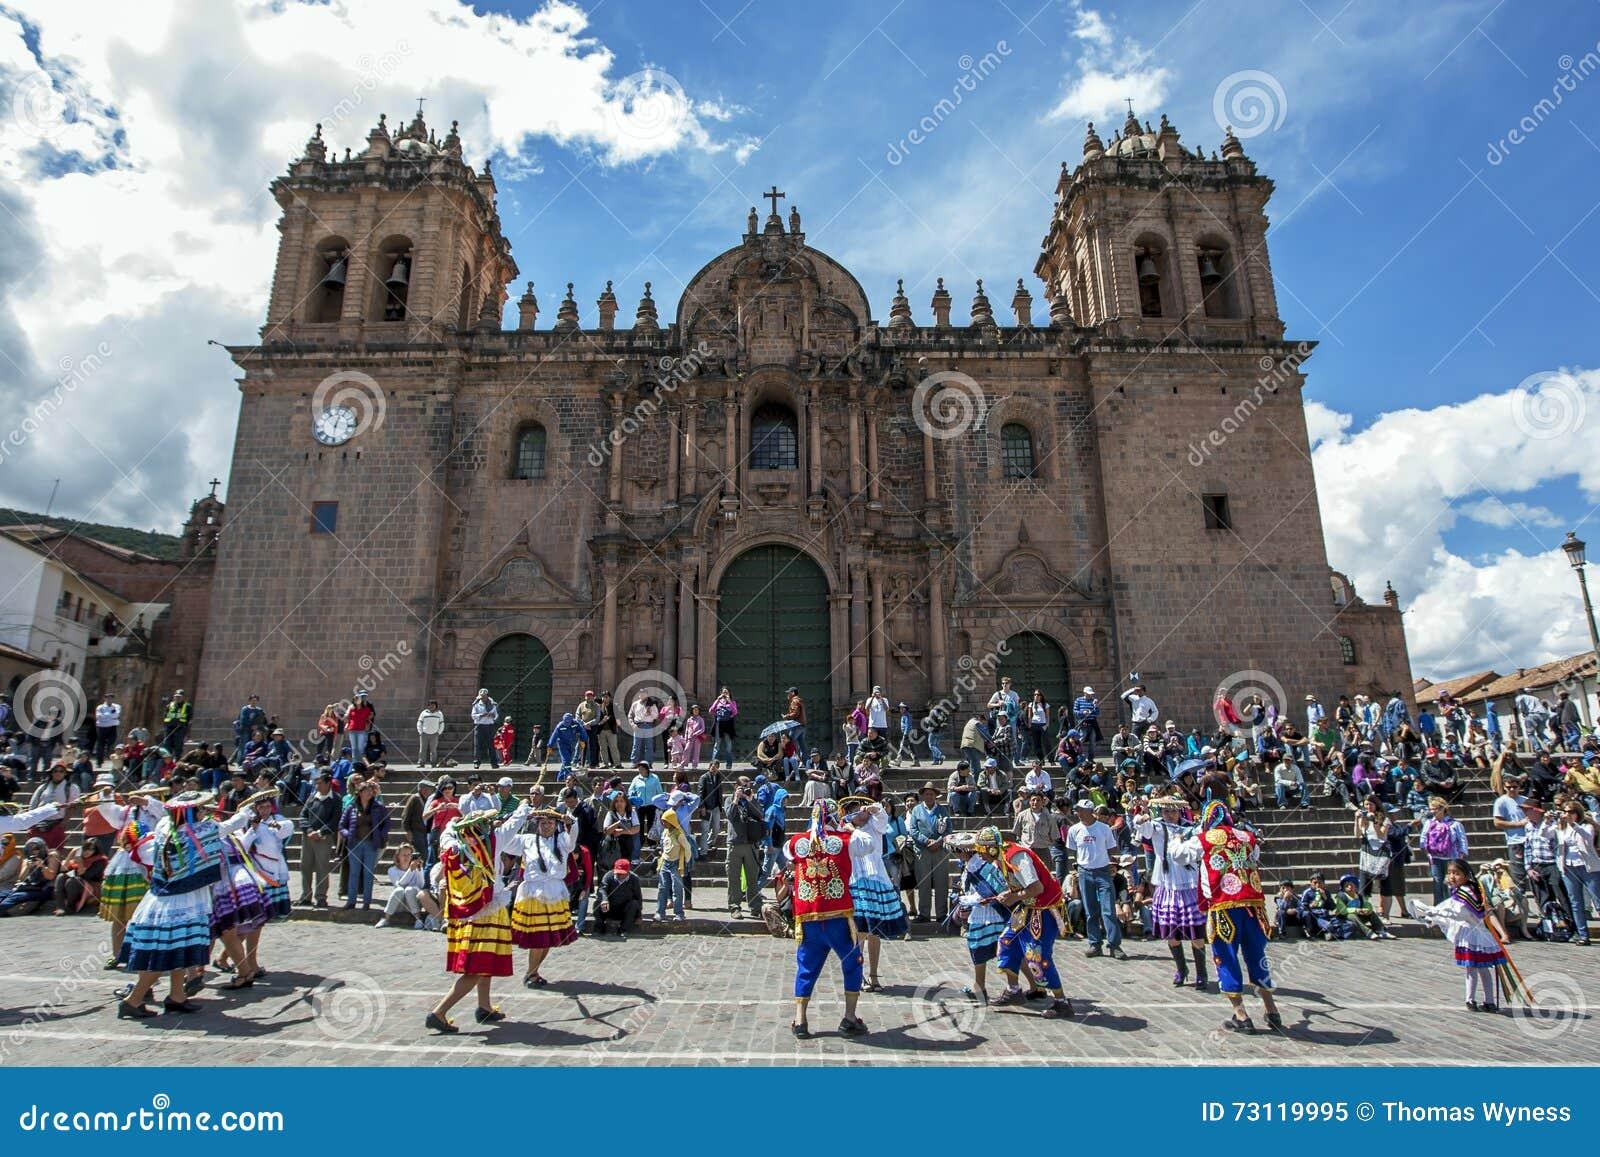 Dansen de kleurrijk geklede uitvoerders onderaan een Cusco-straat tijdens de Meidagparade in Peru